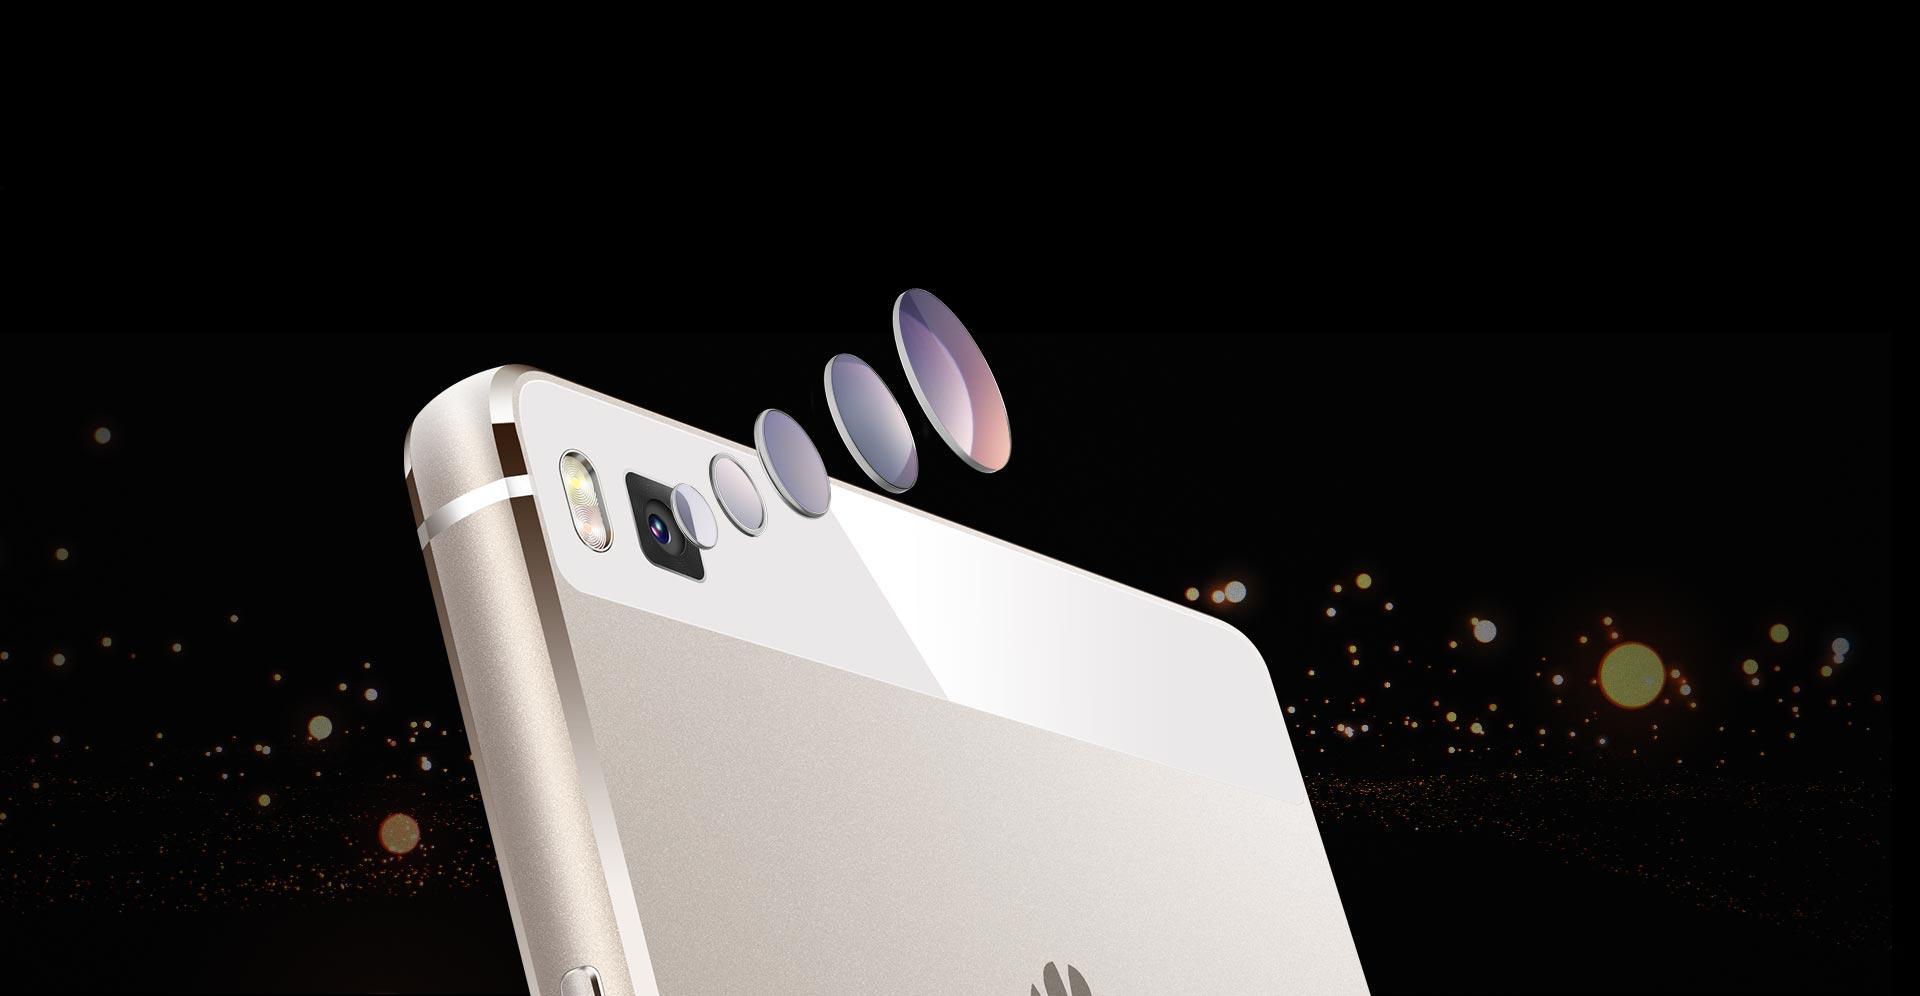 Detalle de la cámara del Huawei P8